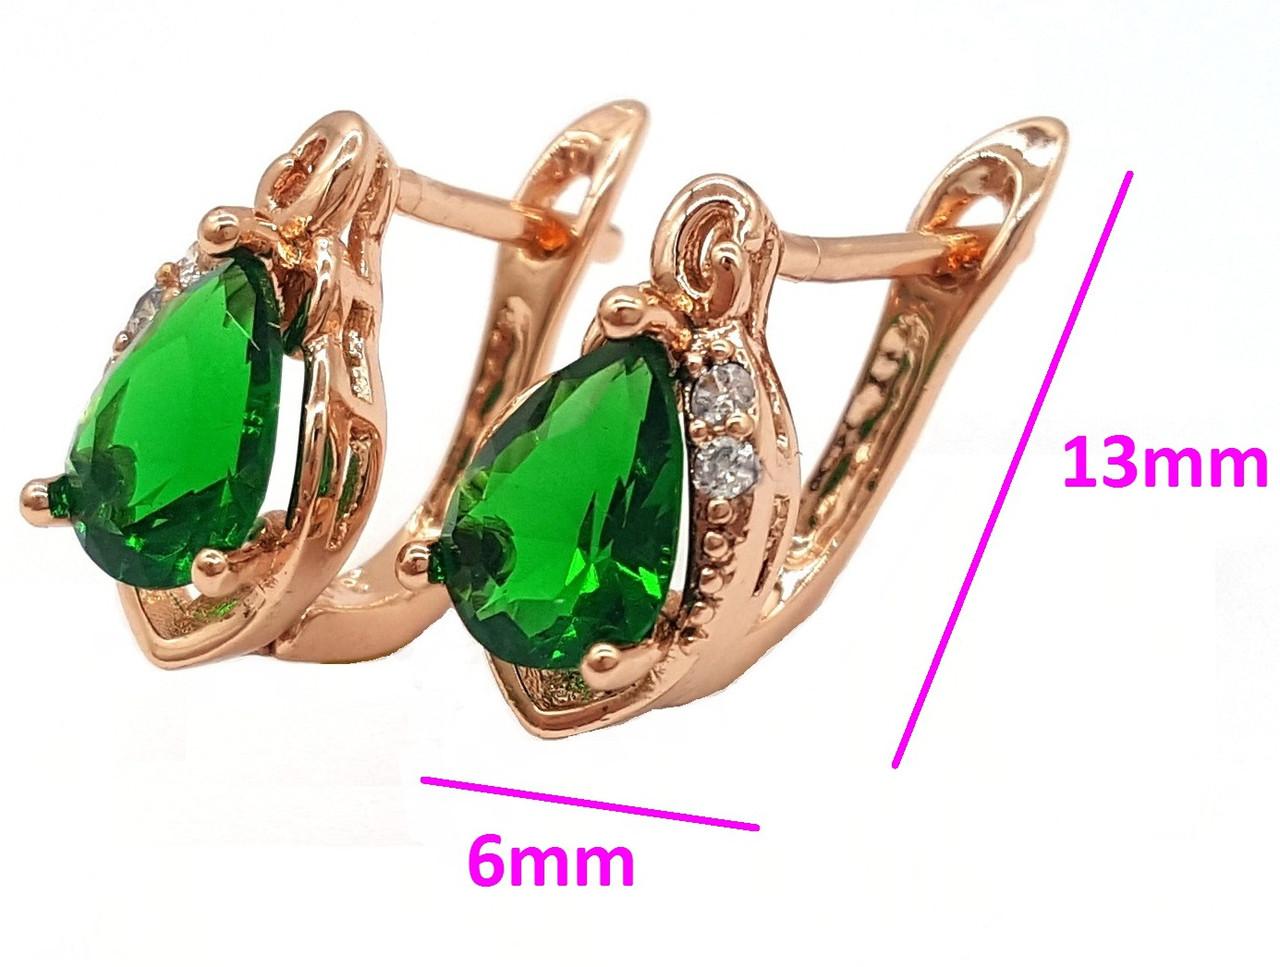 Серьги позолоченные 13mm*6mm, Капелька с зеленым цирконием, англ.замок